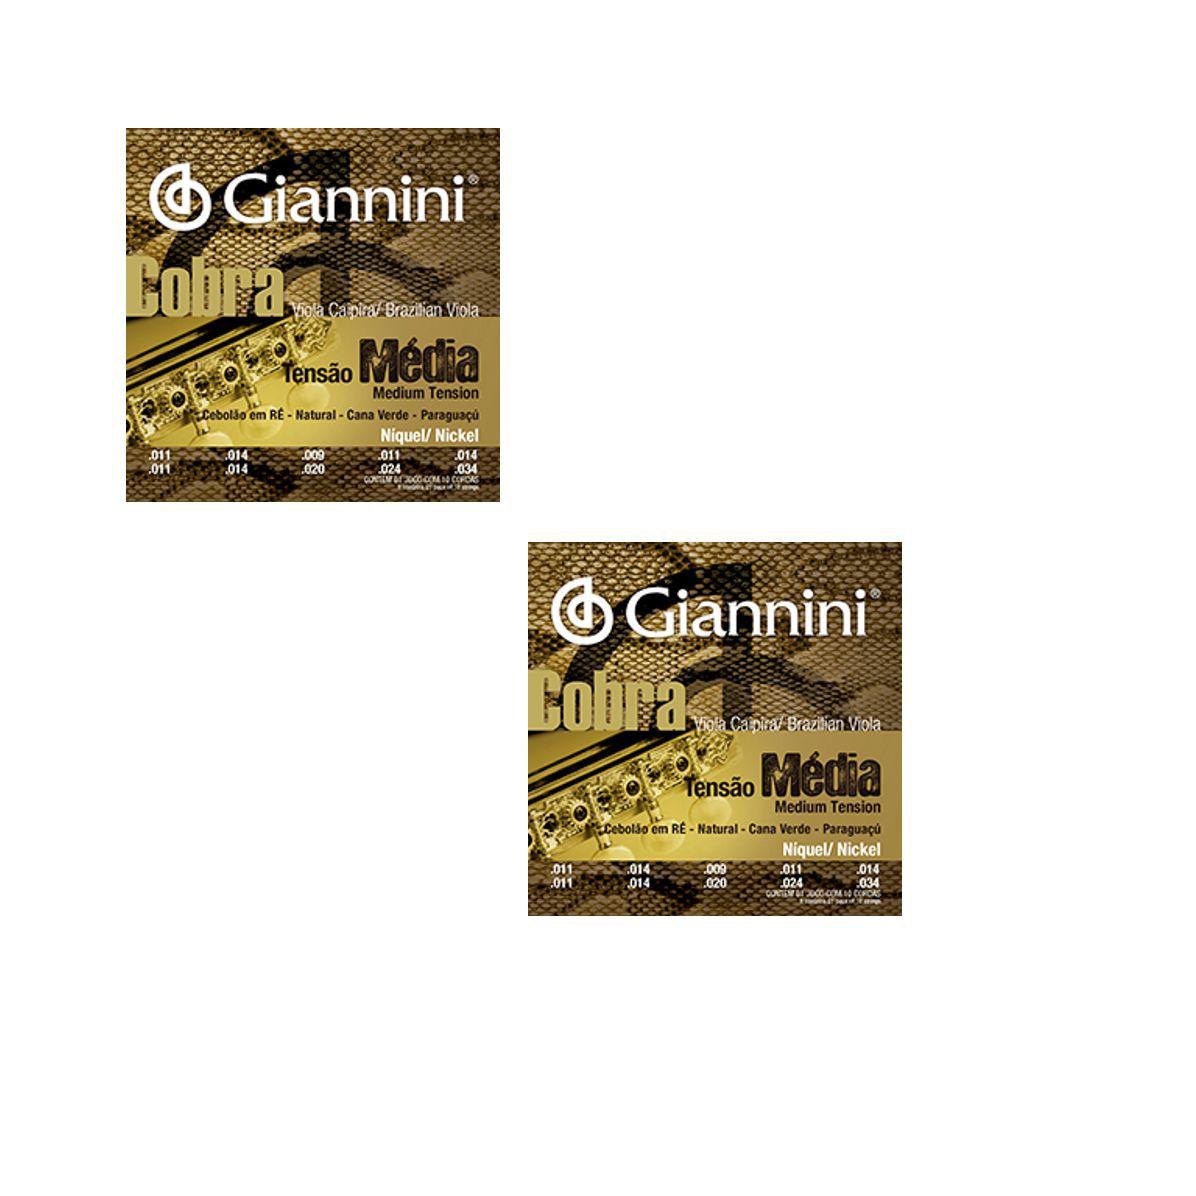 Encordoamento Giannini Cobra Viola Caipira Cebolão RÉ - Cordas Níquel Viola Caipira - GESVNM Nickel - 02 Jogos